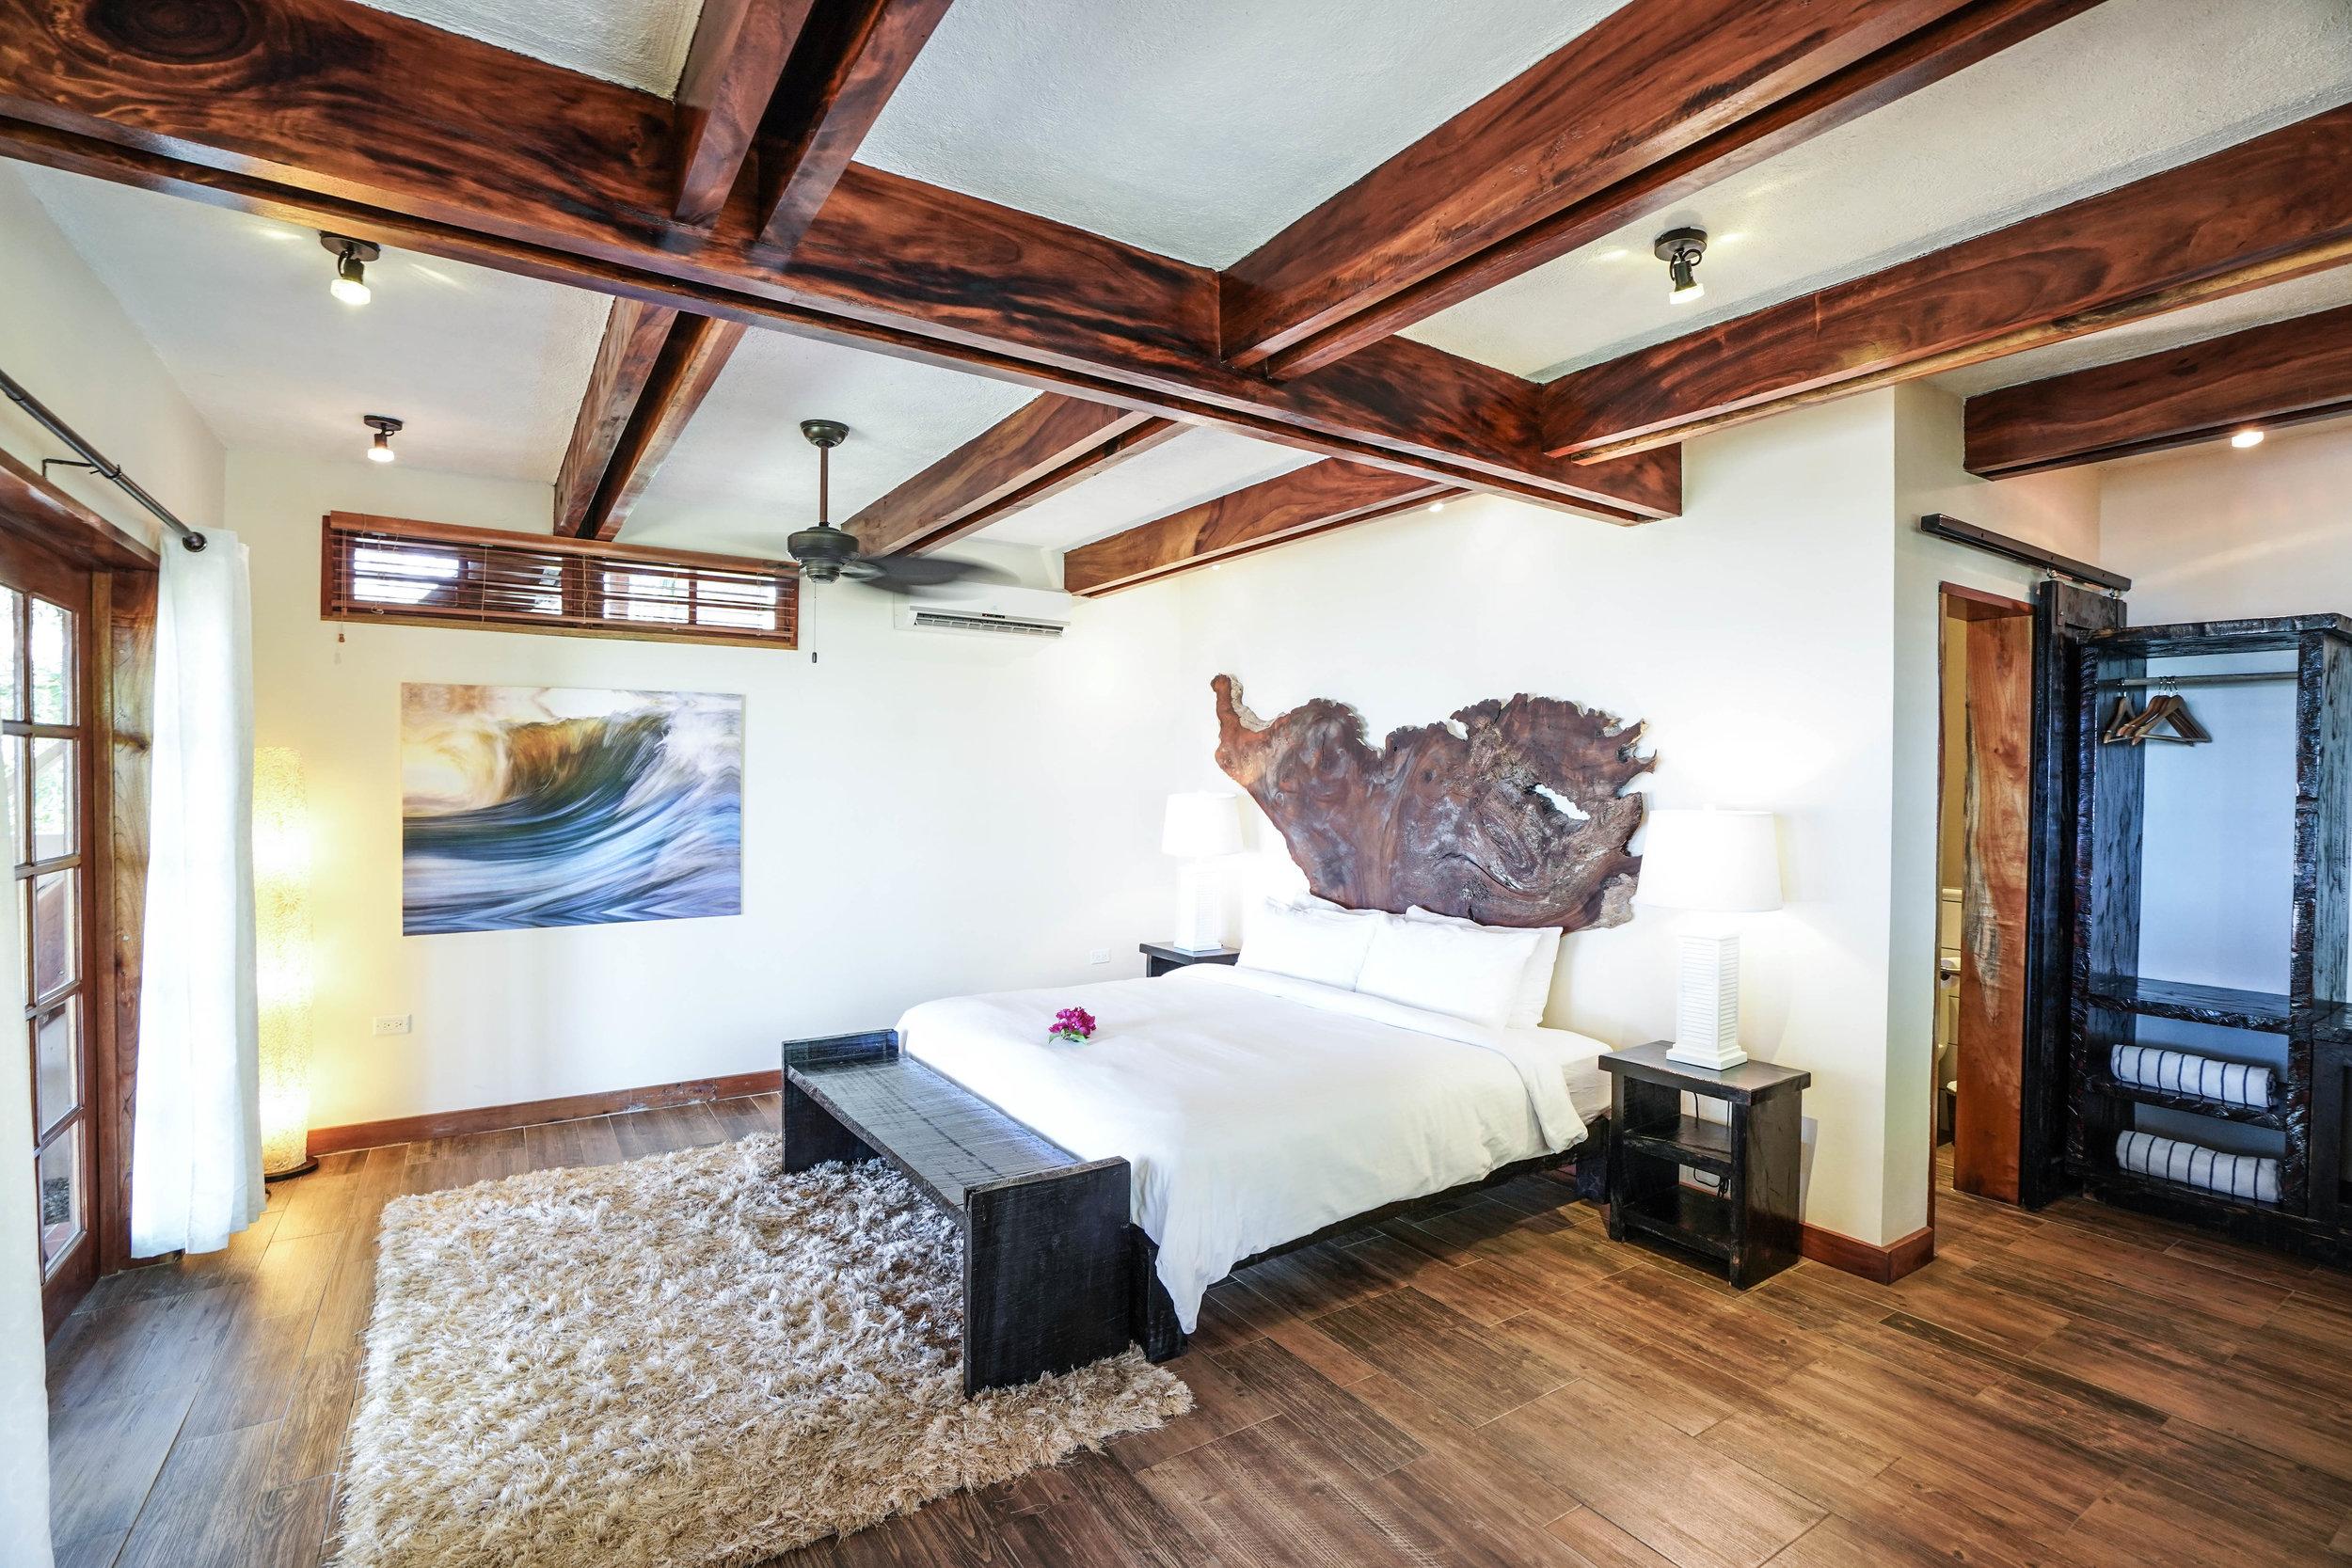 Sansara_Resort_Cabana_Ganesha-13.jpg